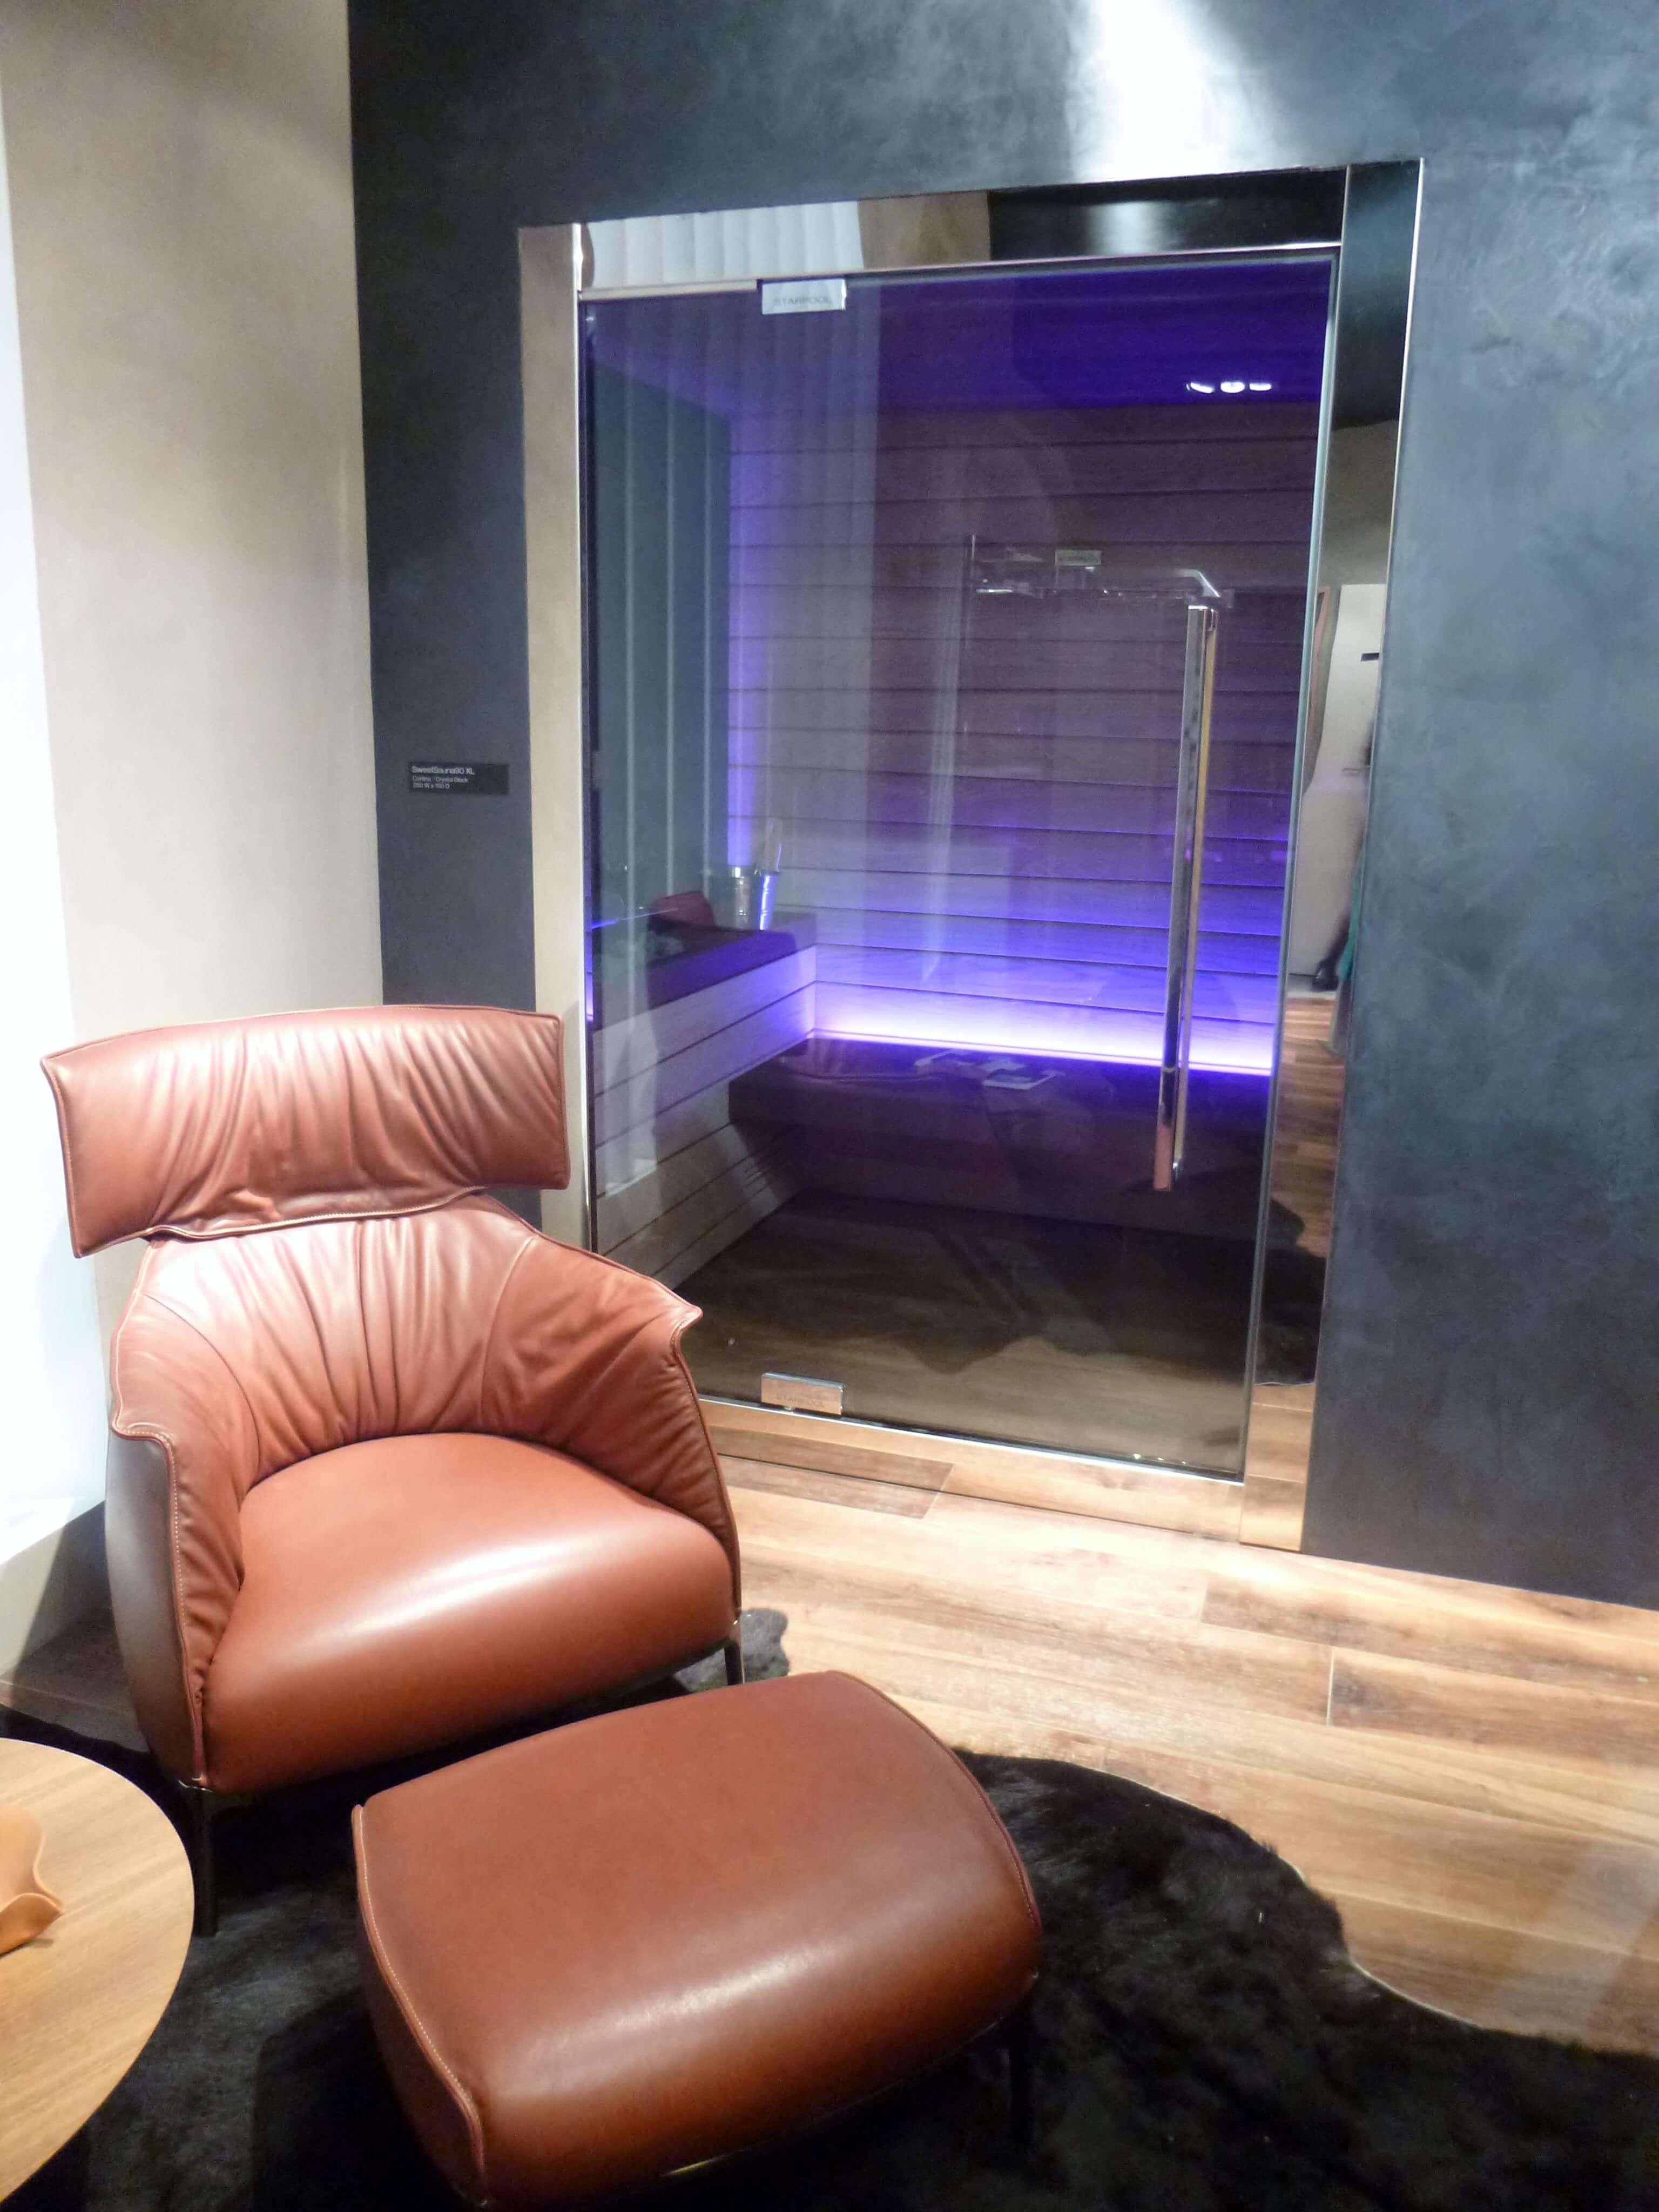 Salone del bagno die gr te badezimmermesse der welt for Design del bagno